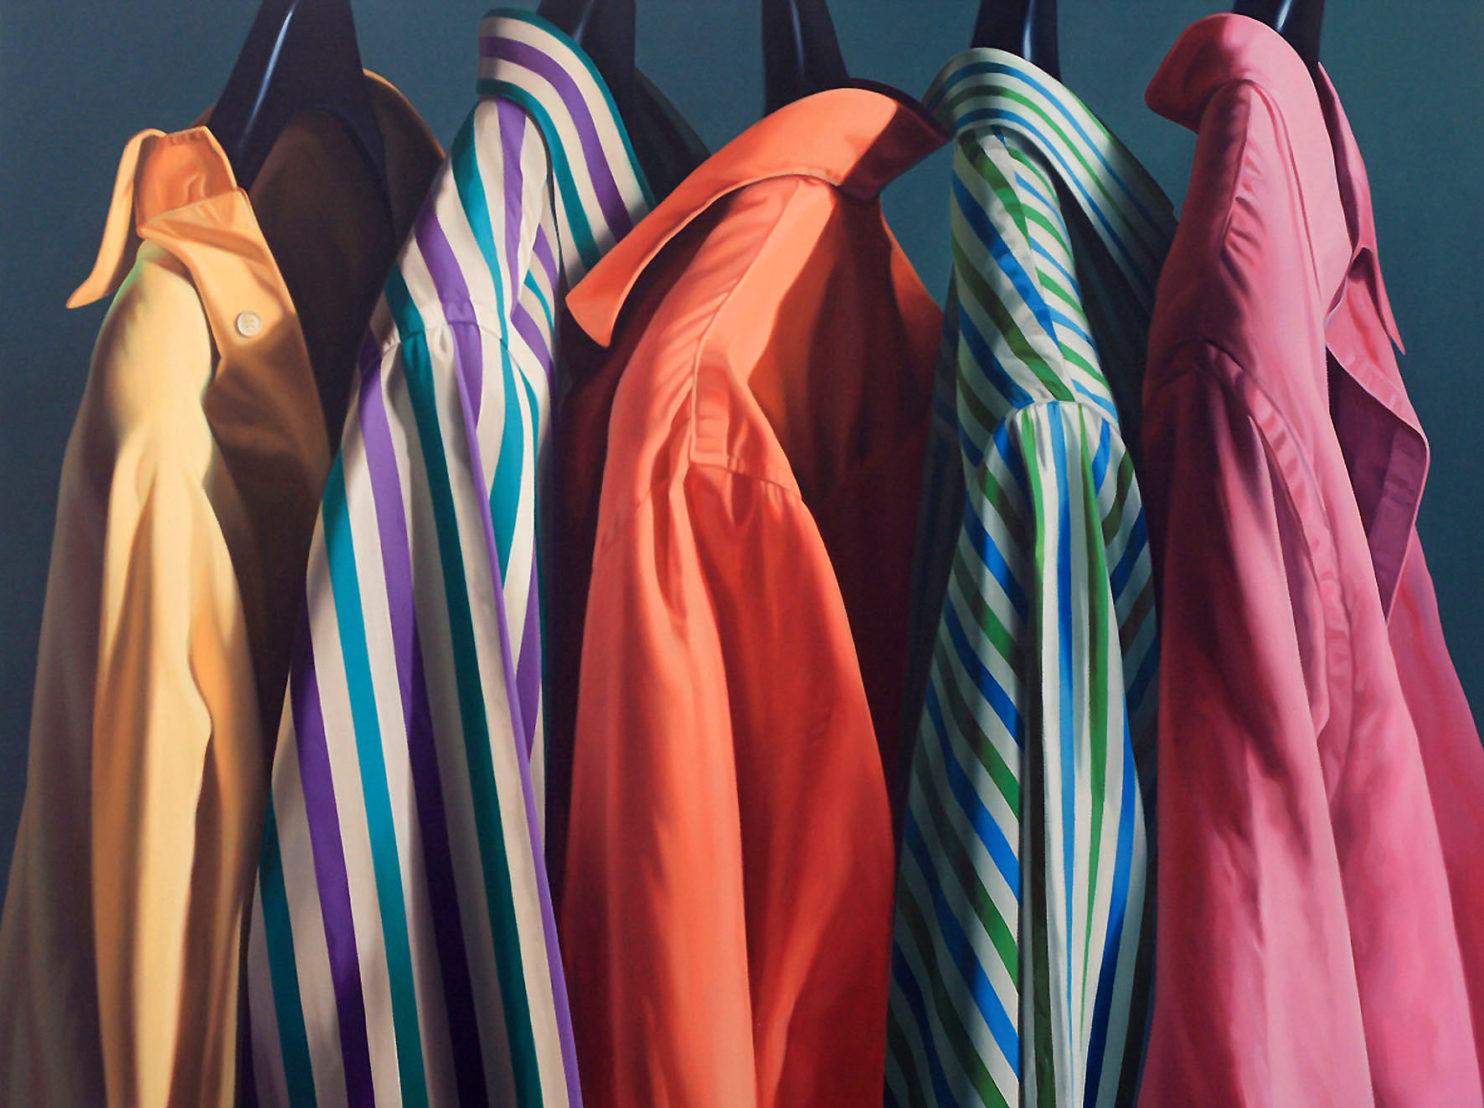 MAGNANI ALBERTO, Camicie in Fila, 2012, Olio su tela, 100x130 cm